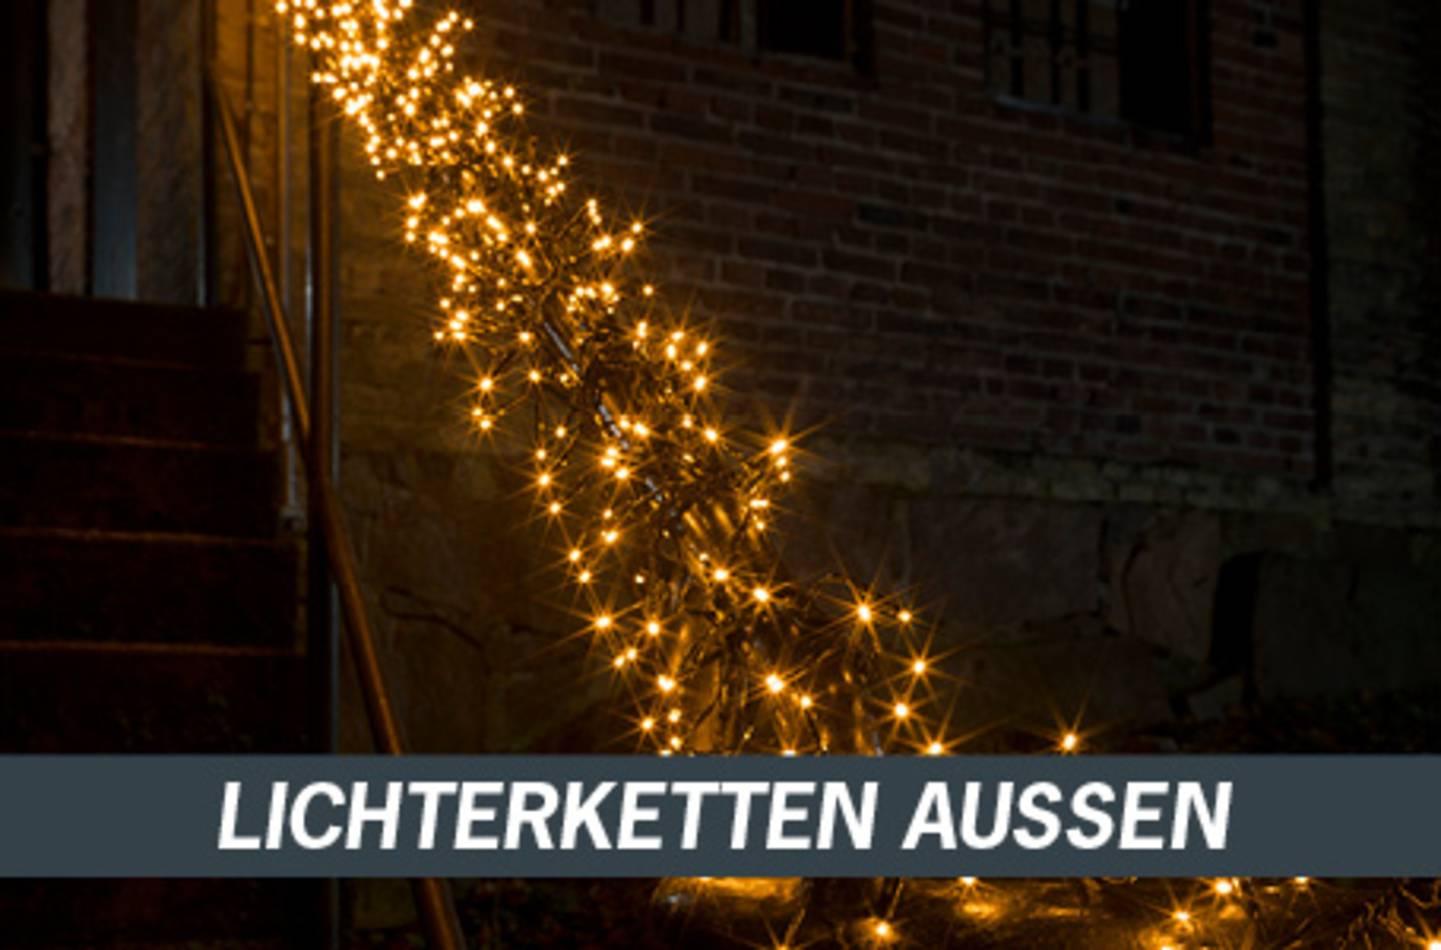 Lichterketten aussen